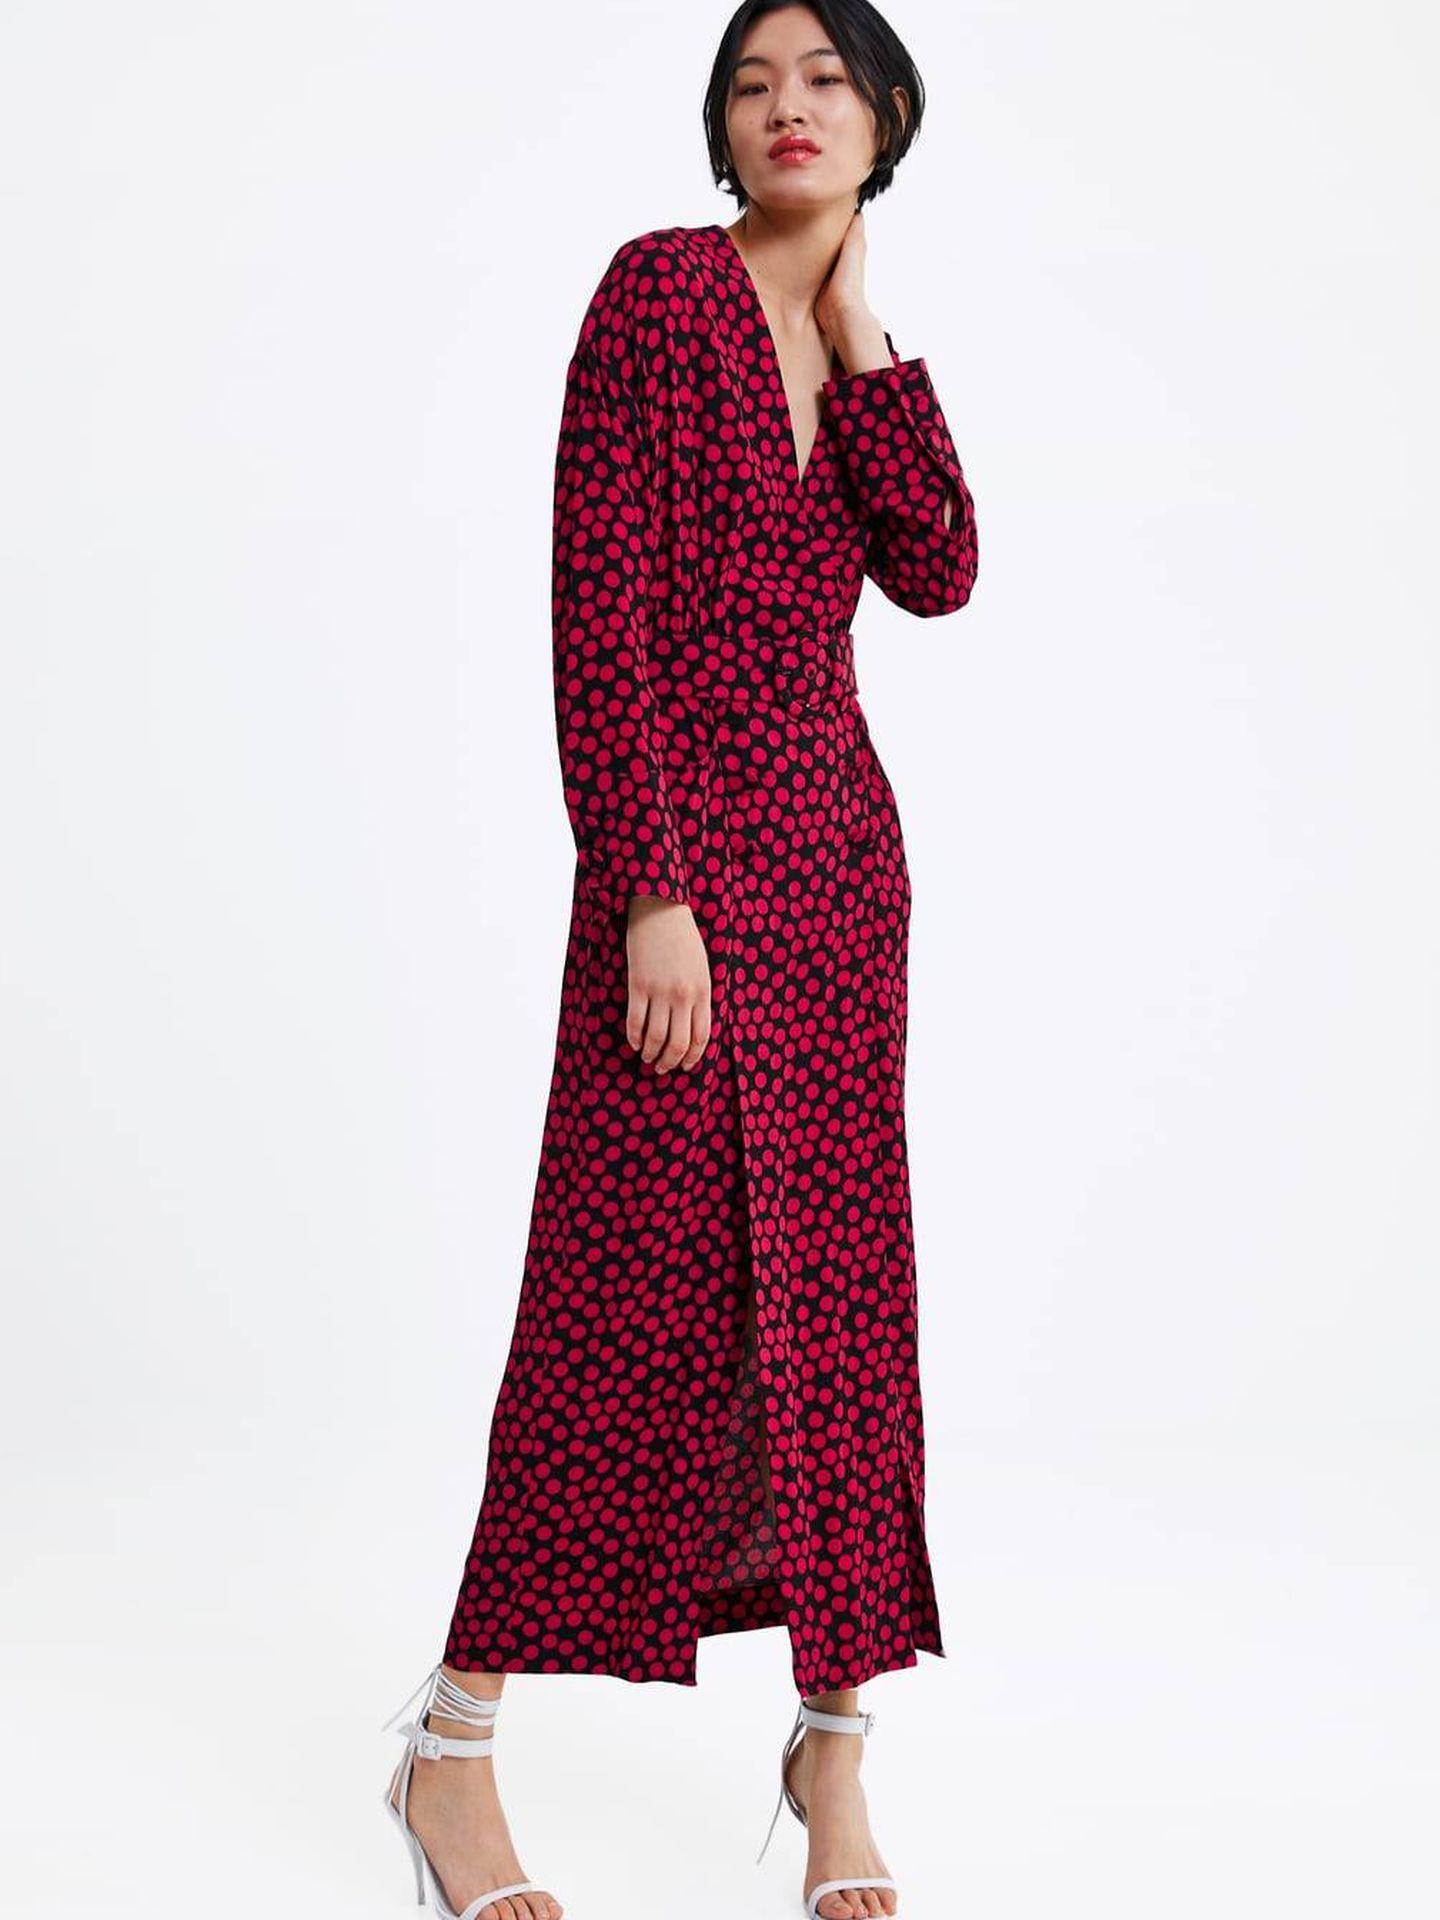 Vestido edición limitada de Zara.  (Cortesía)